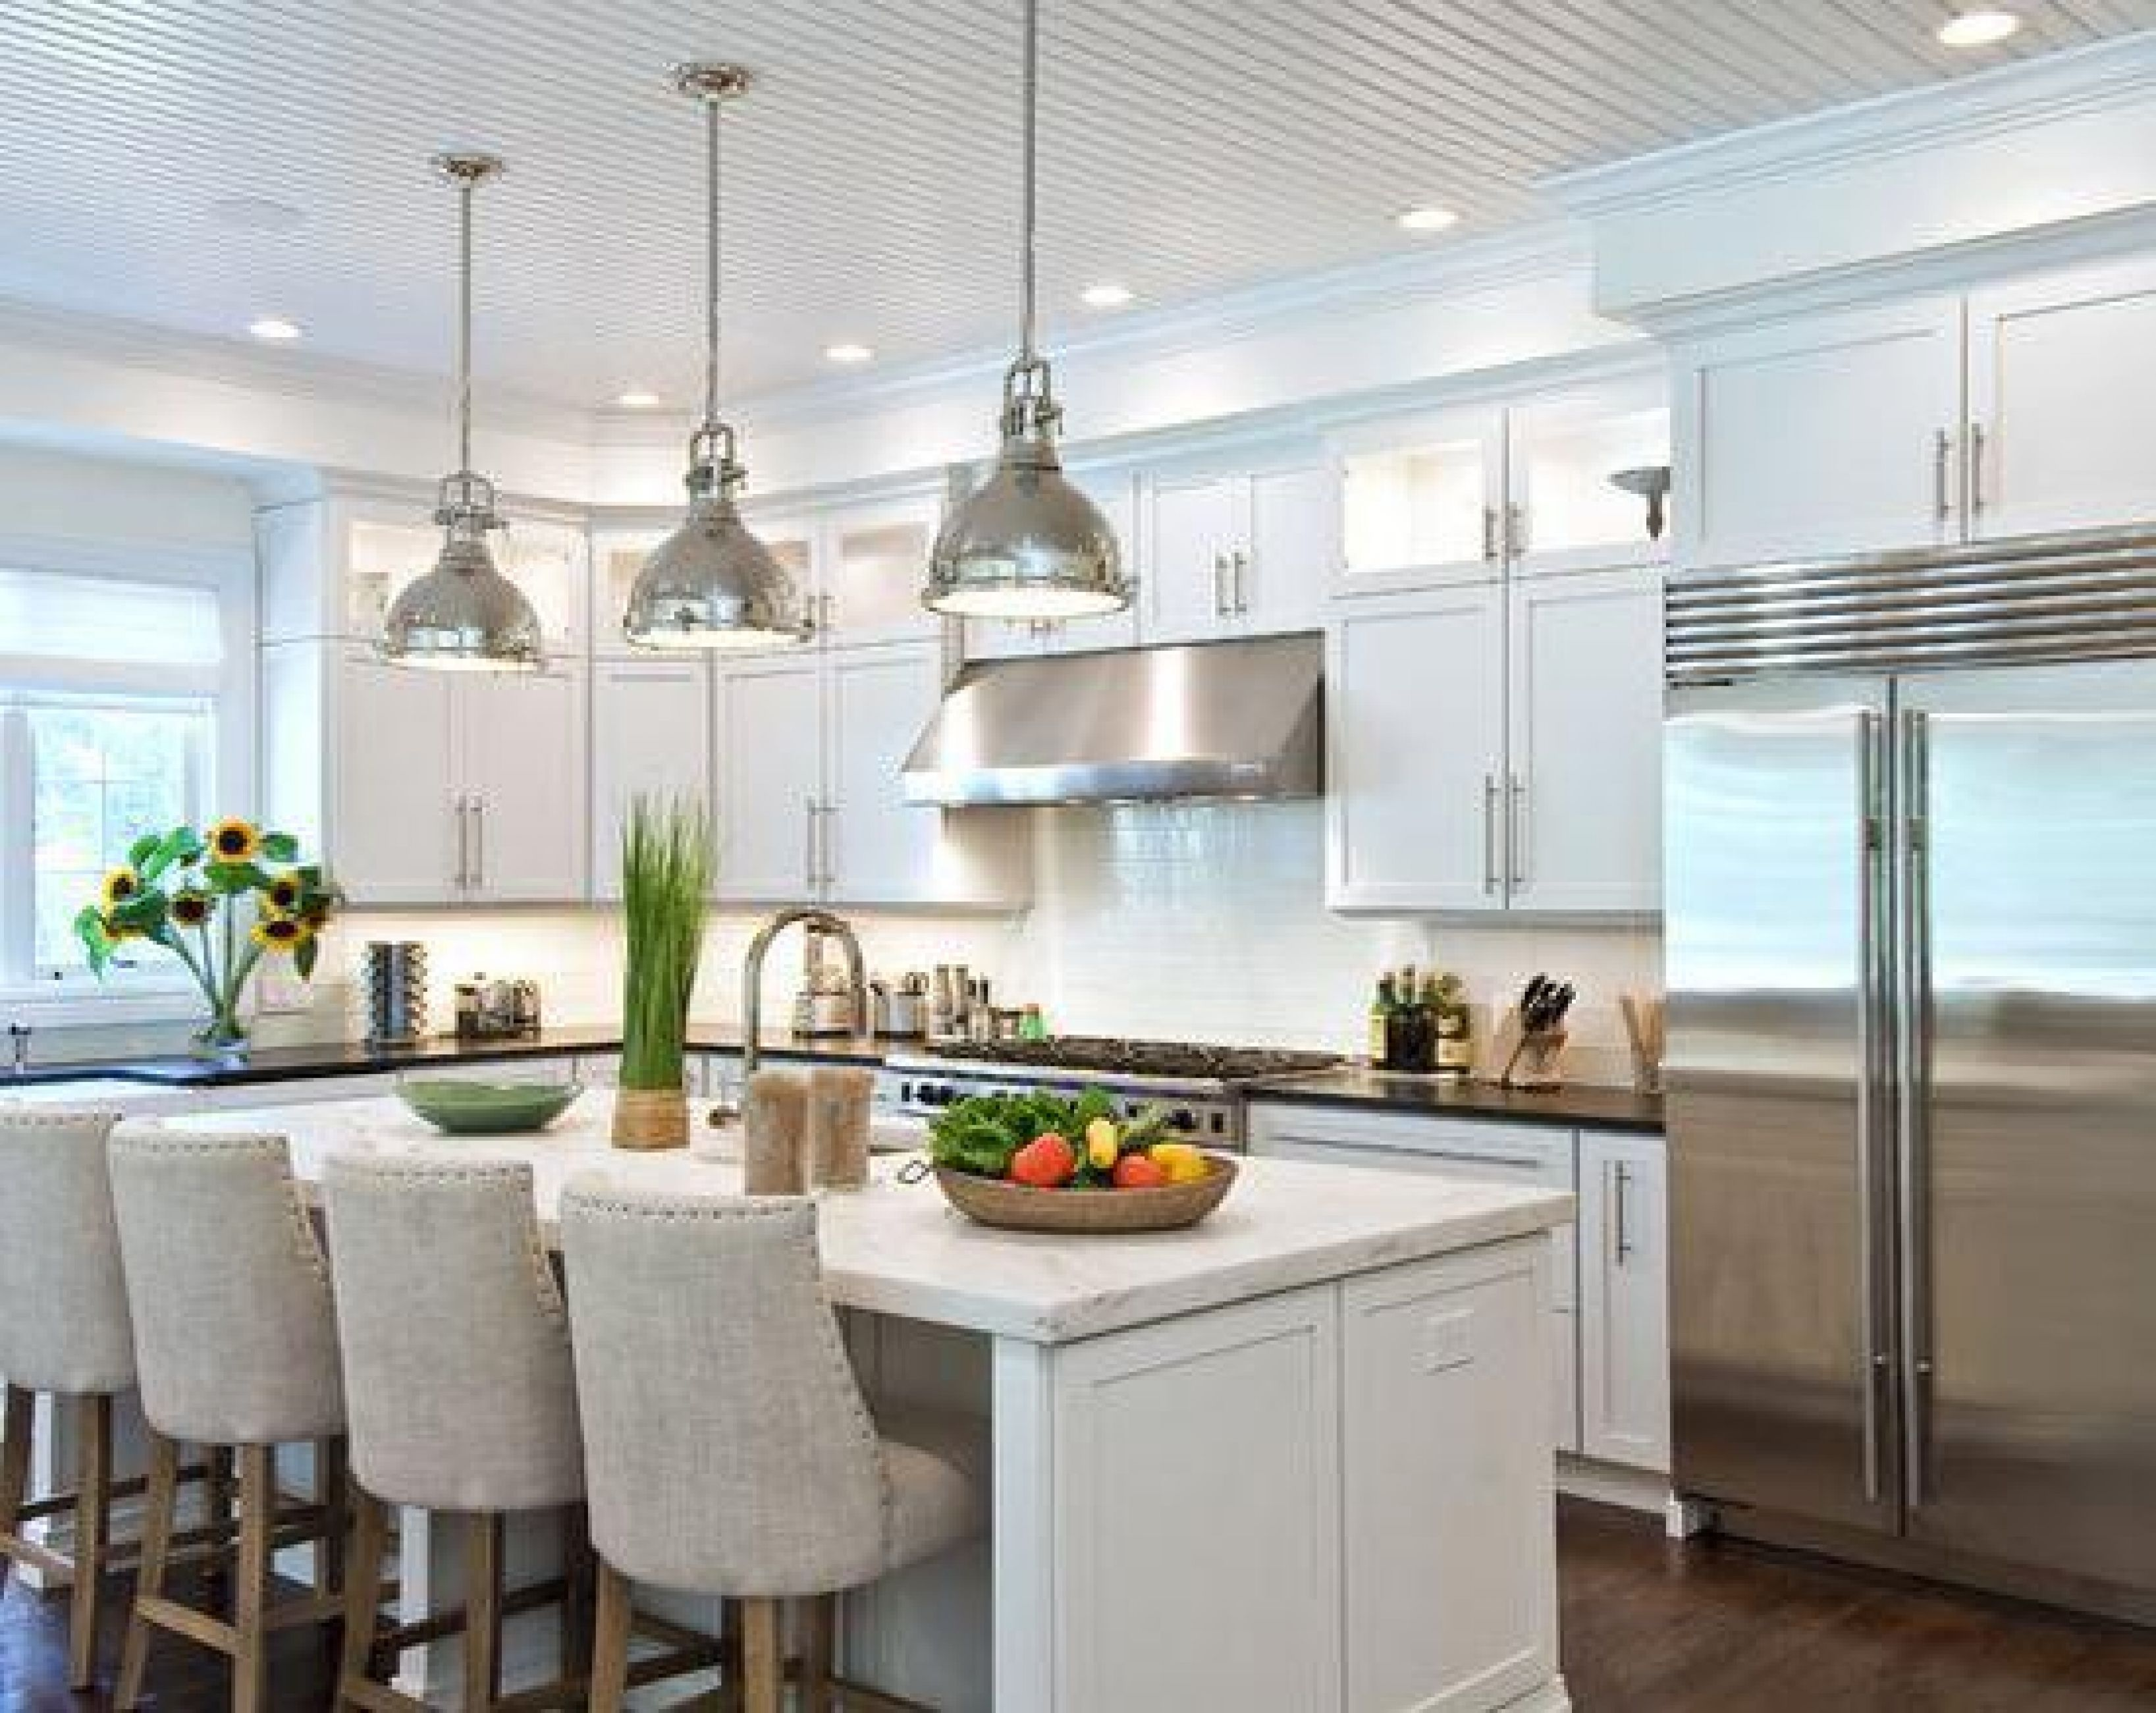 Get The Decorative Hanging Kitchen Lights Hanging Kitchen Lights Hanging Kitchen Light F Hanging Lights Kitchen Kitchen Design Traditional Style Kitchen Design